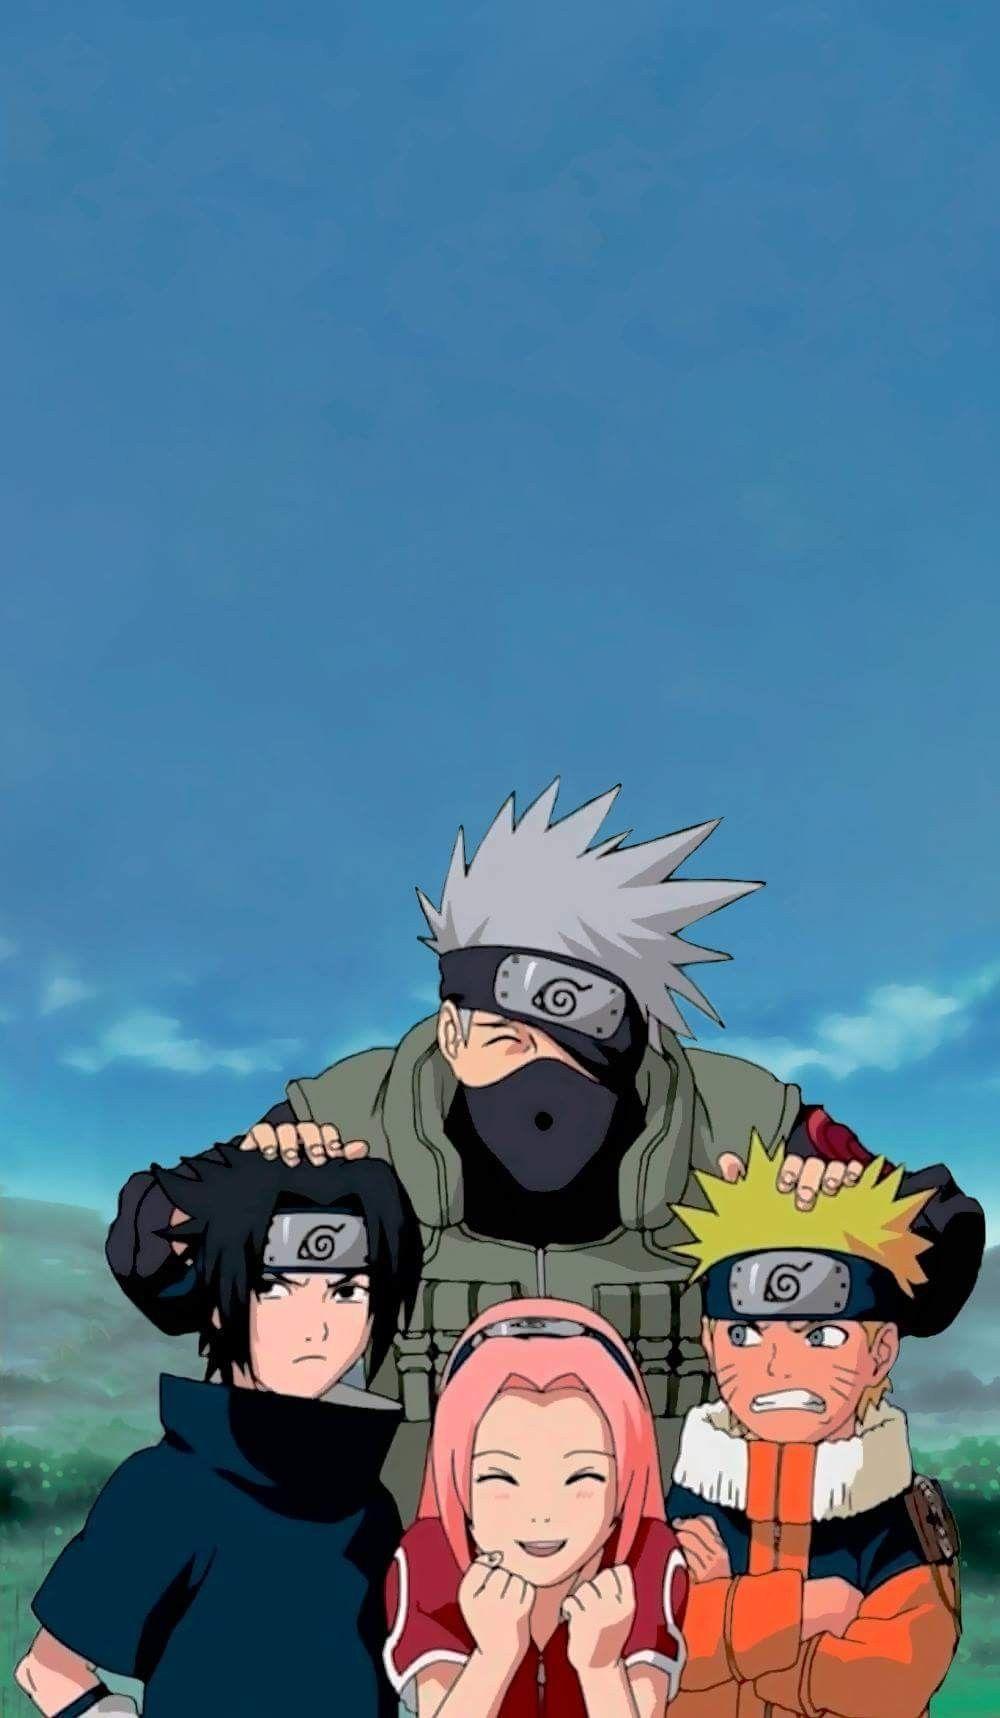 Cute Naruto Wallpapers Top Free Cute Naruto Backgrounds Wallpaperaccess Ilustrasi Komik Ilustrasi Karakter Seni Jepang